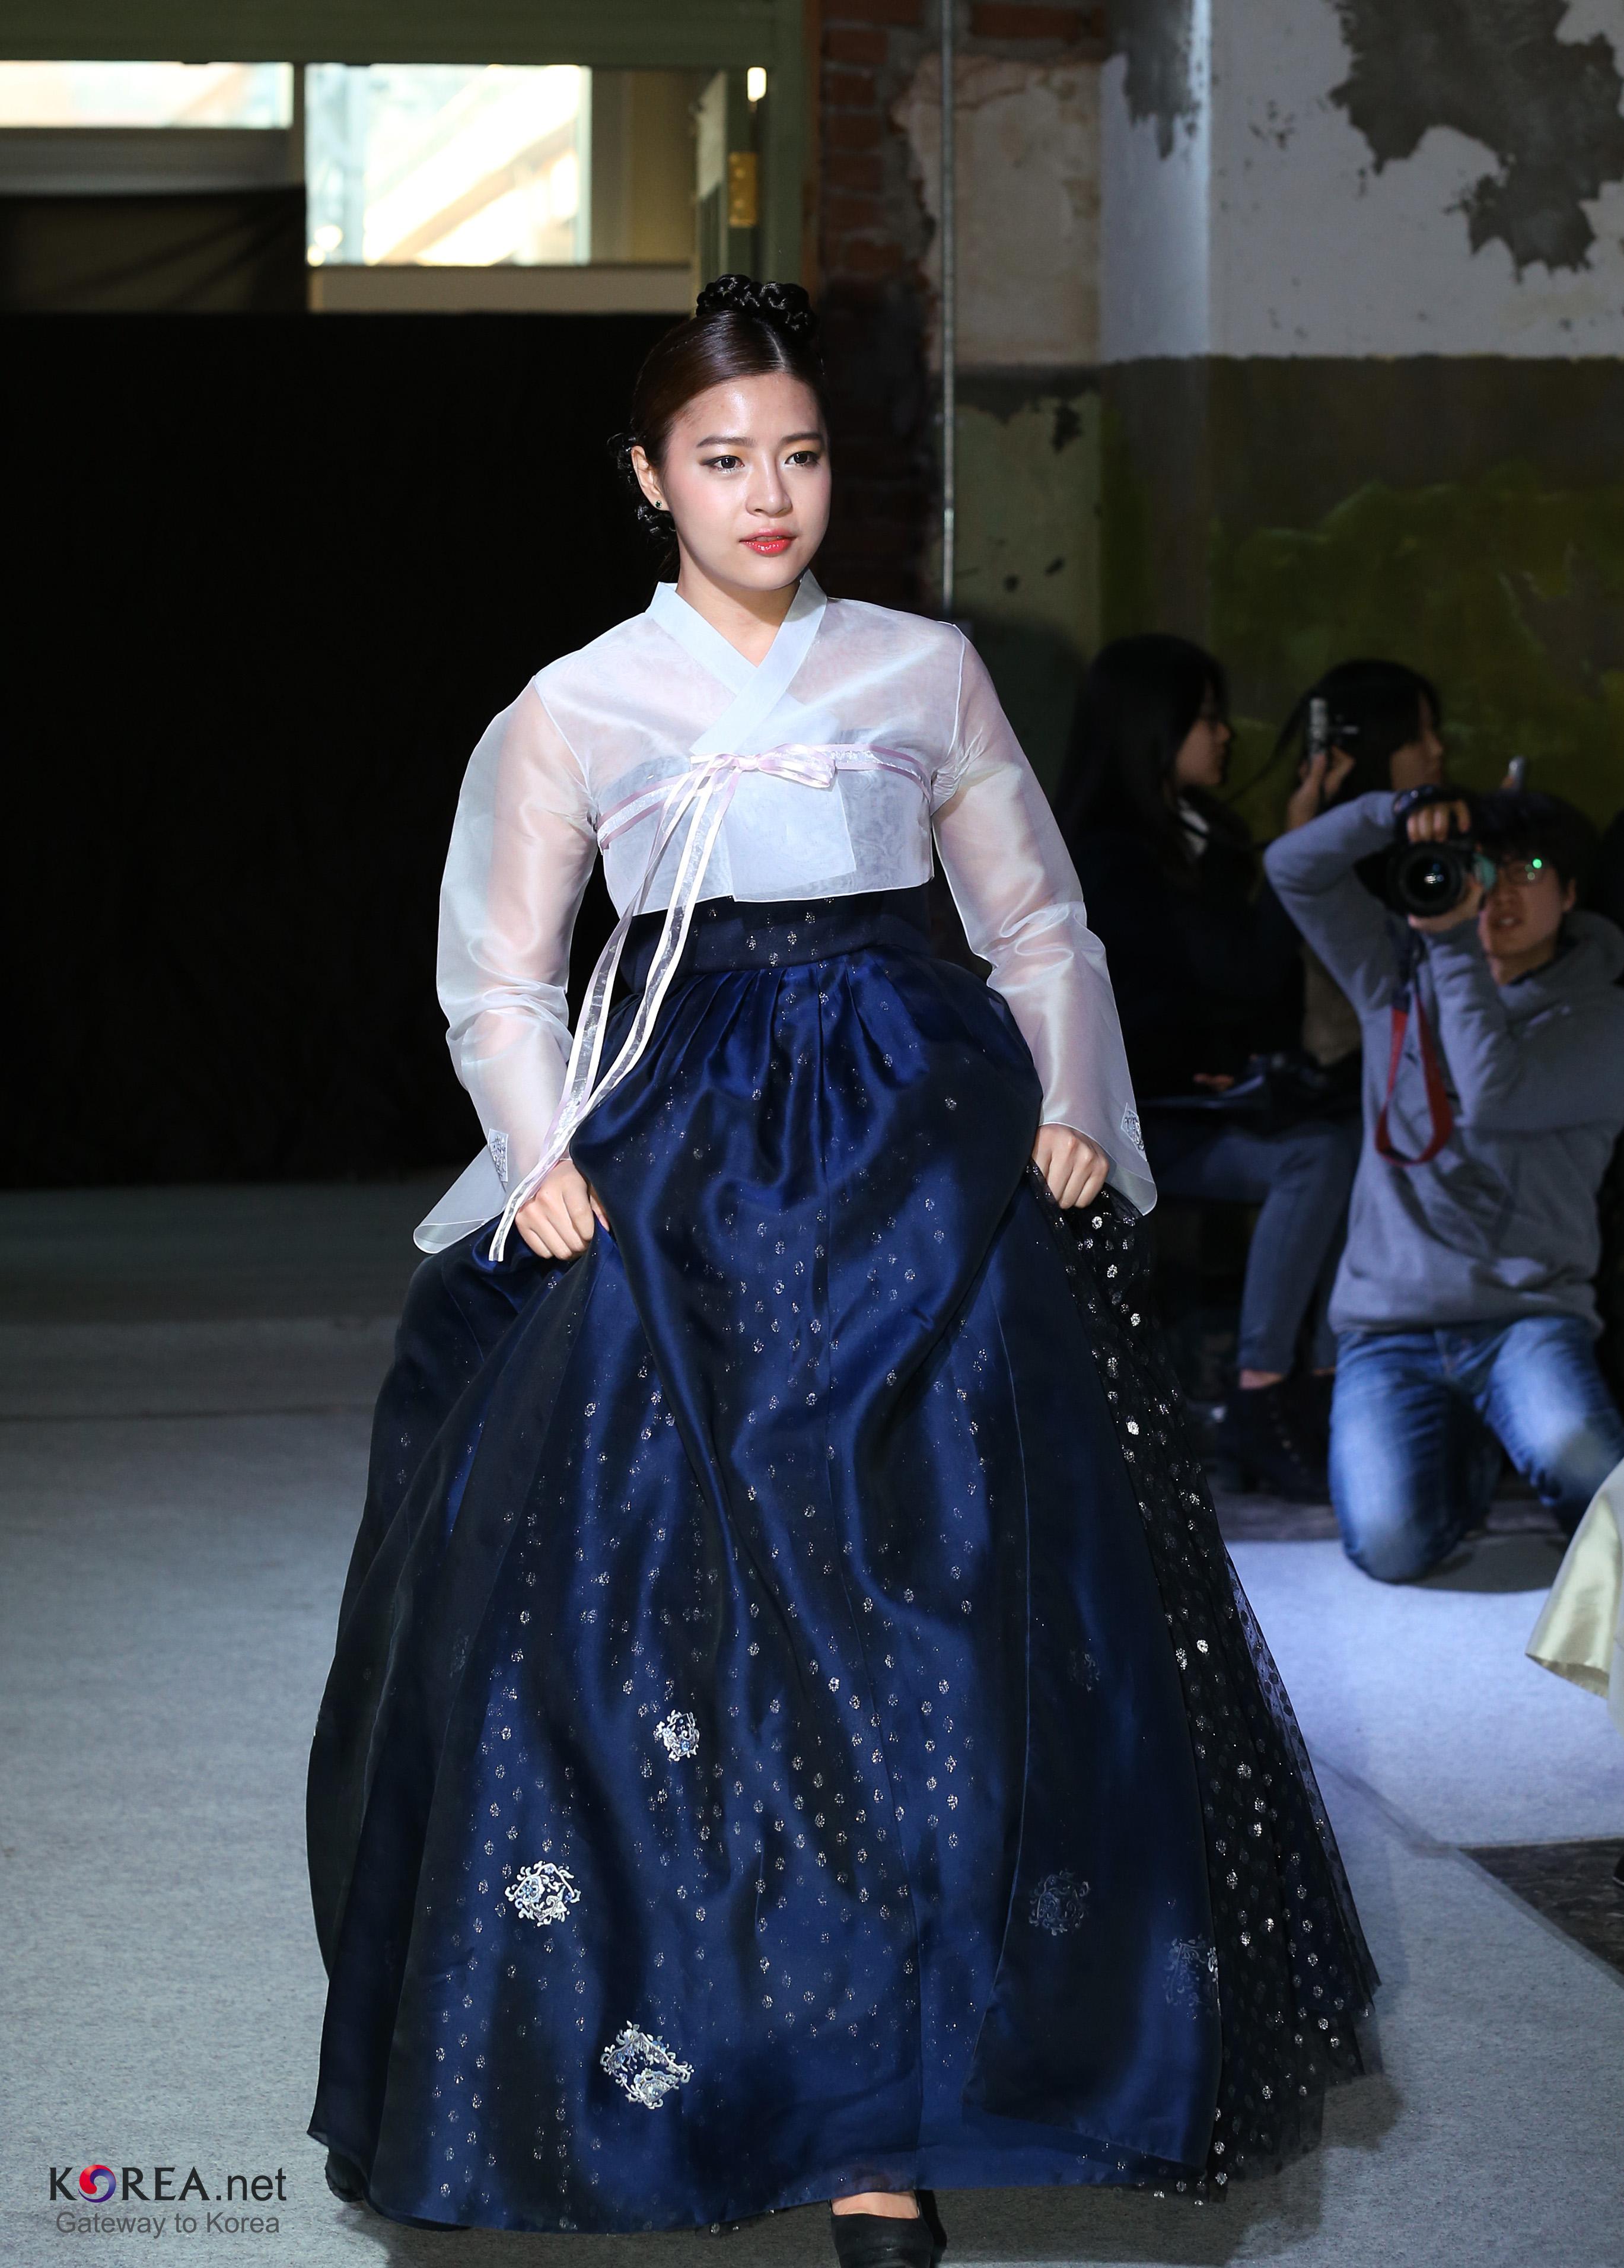 filekorea hanbok fashion show 15 8423372530jpg